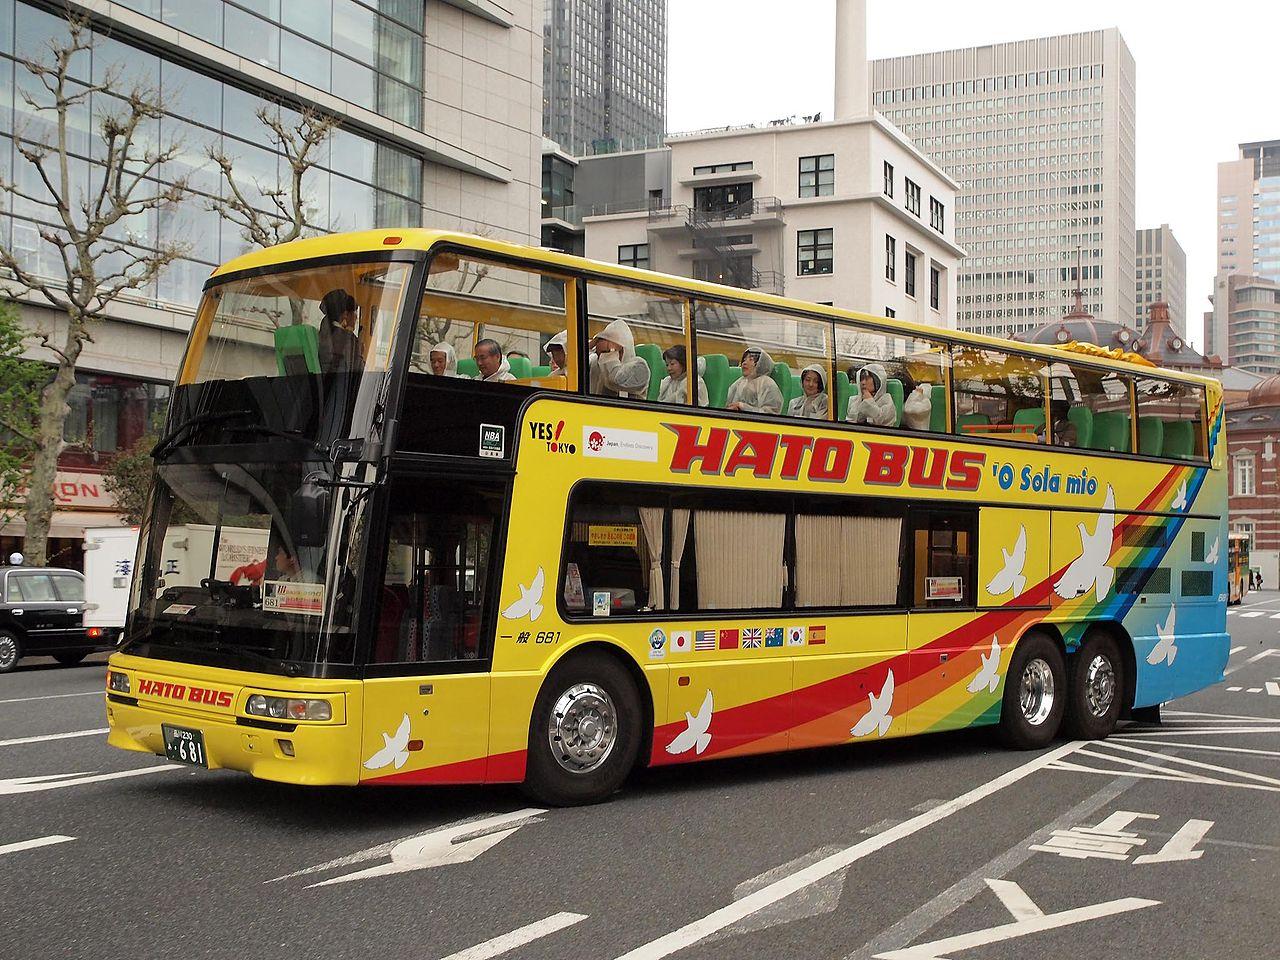 1280px-hato_bus_681_o_sola_mio_aero_king